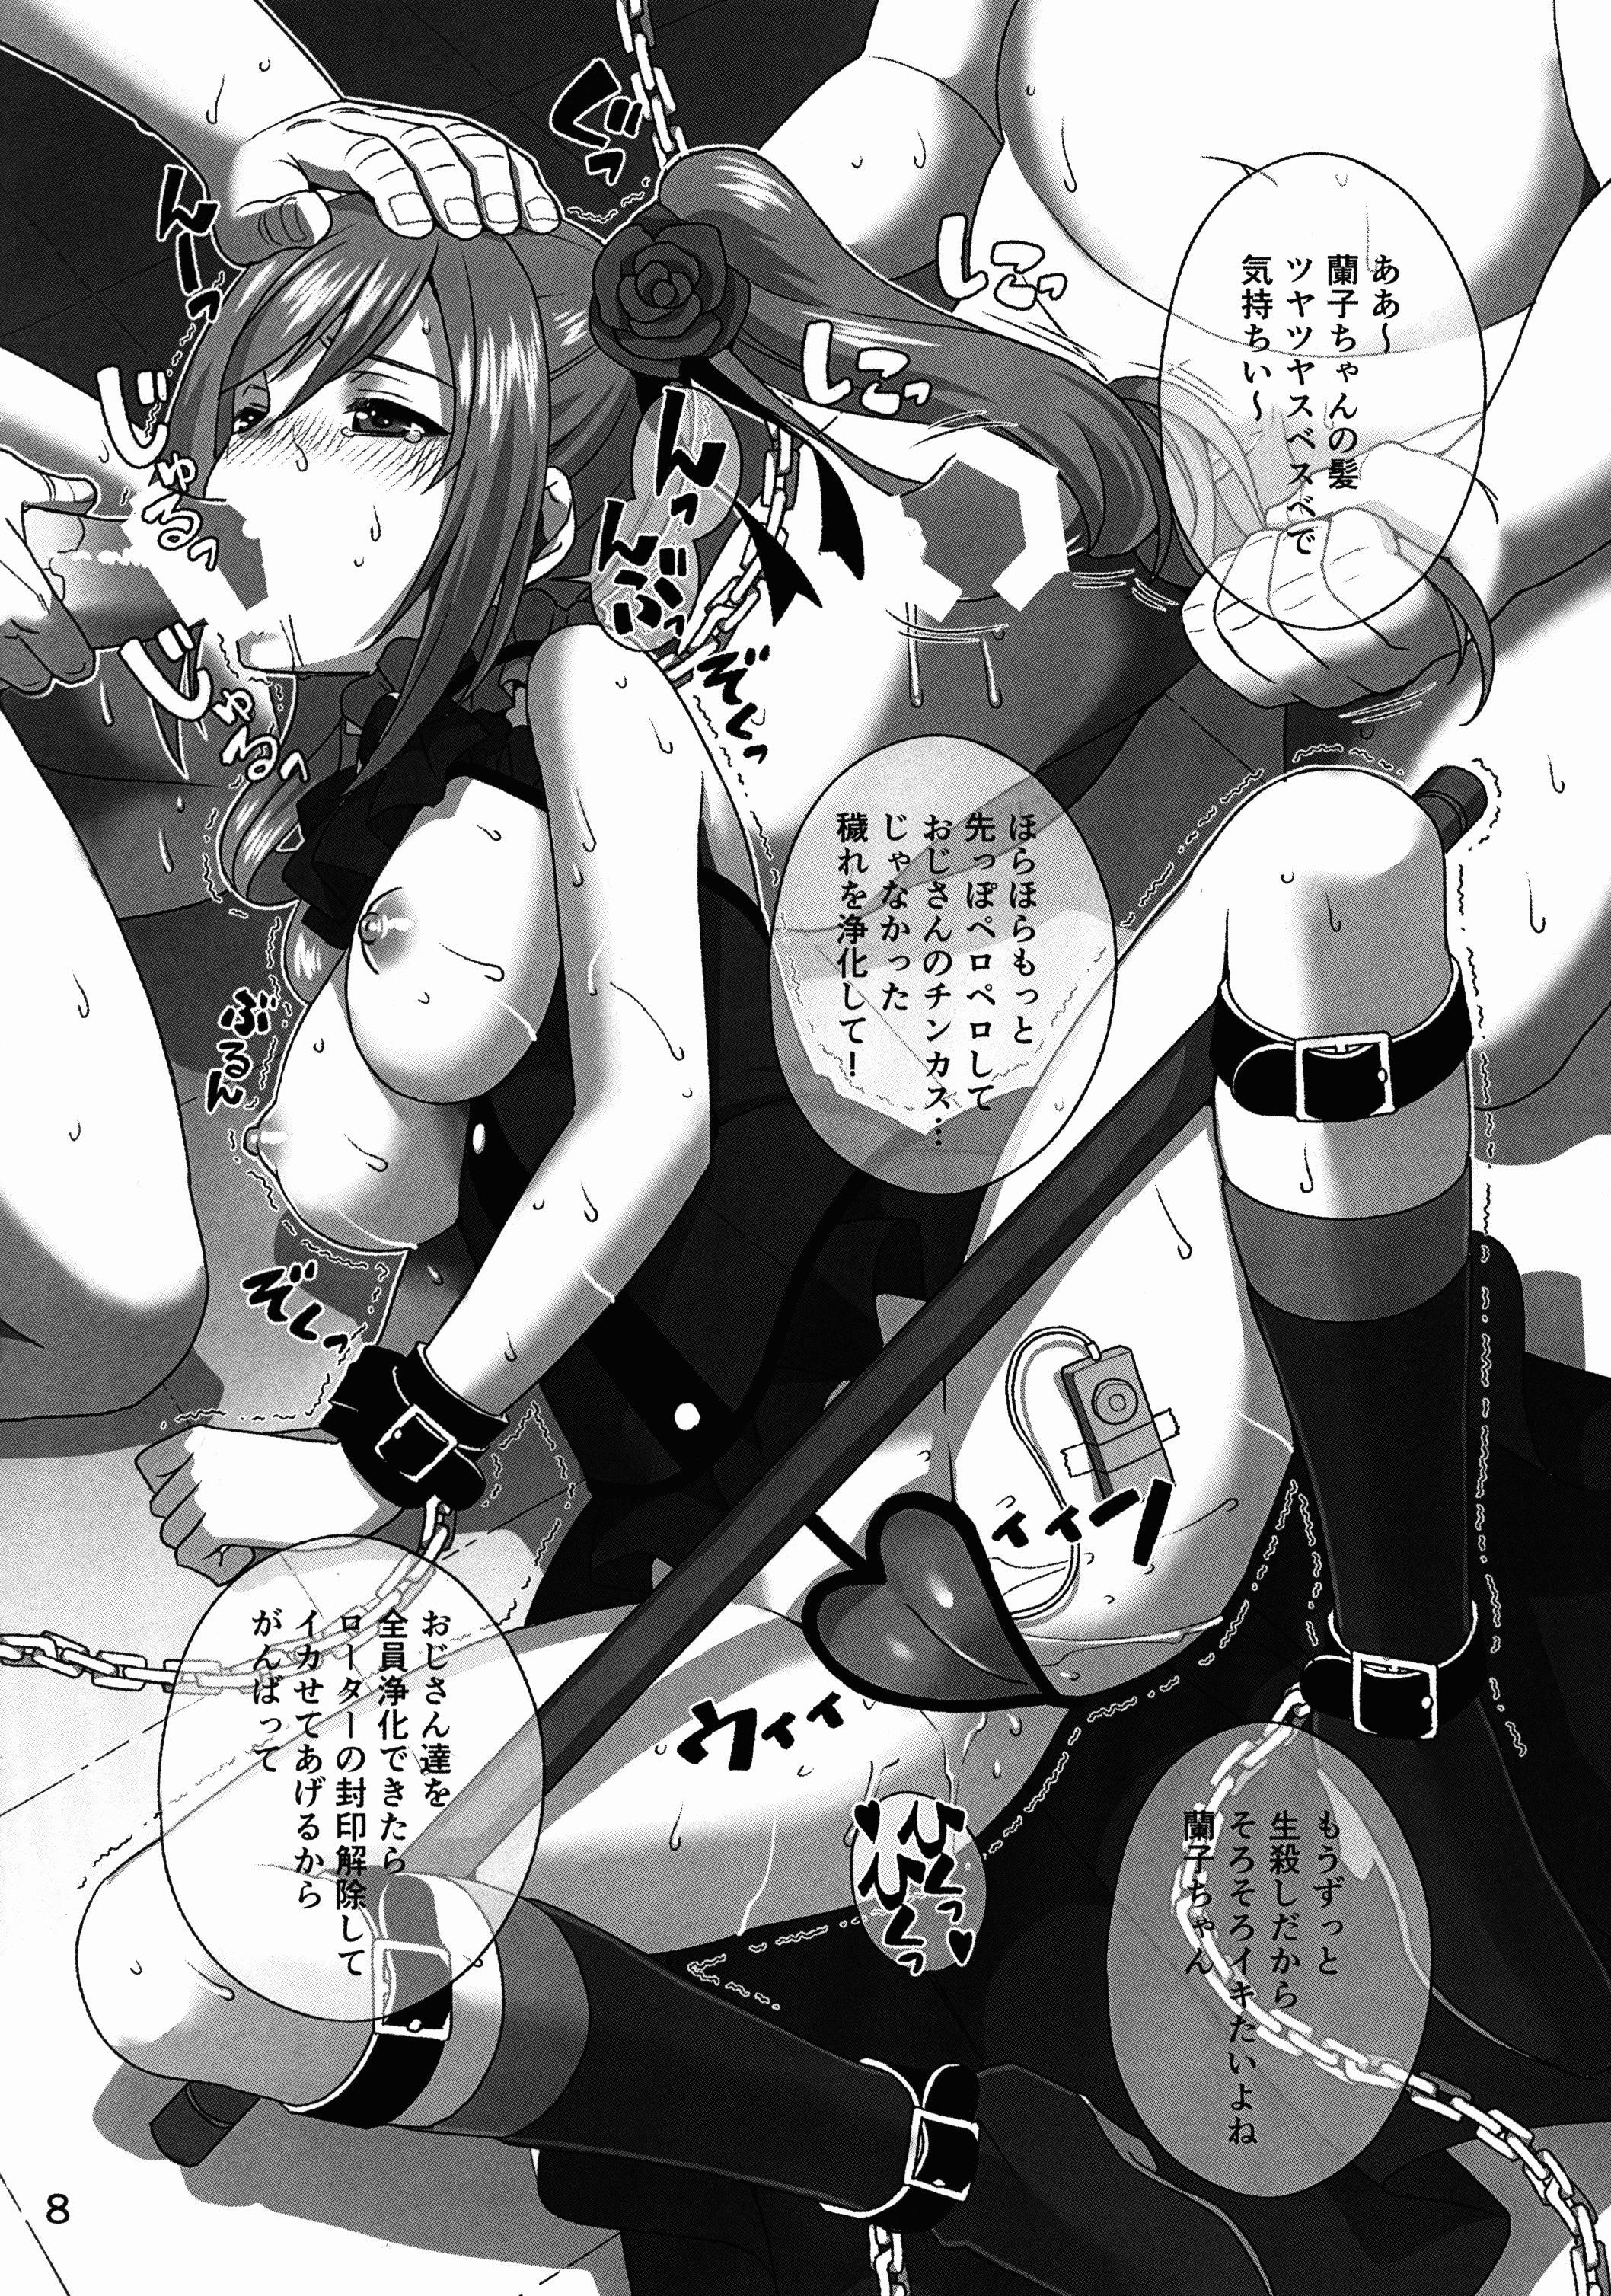 Cinderella Yoru no Butoukai 7